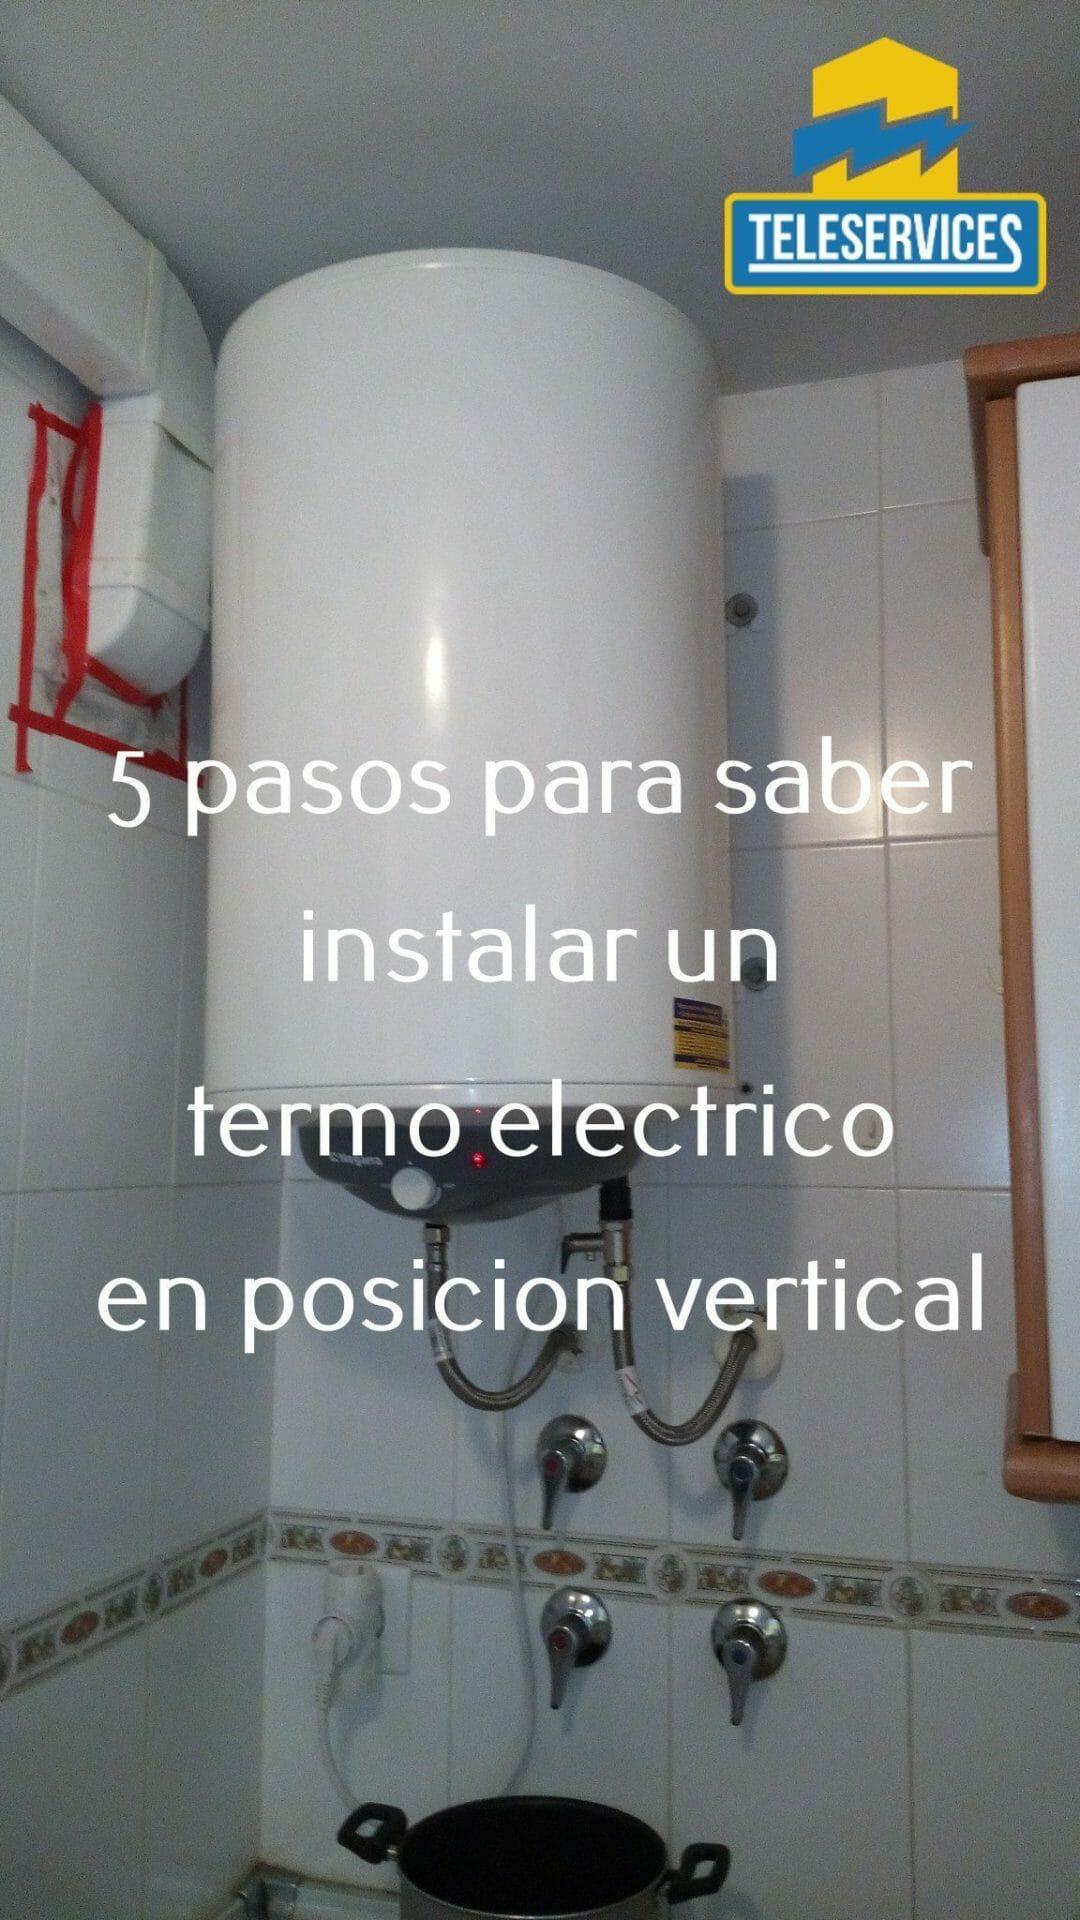 instalar un termo elecrtrico en vertical